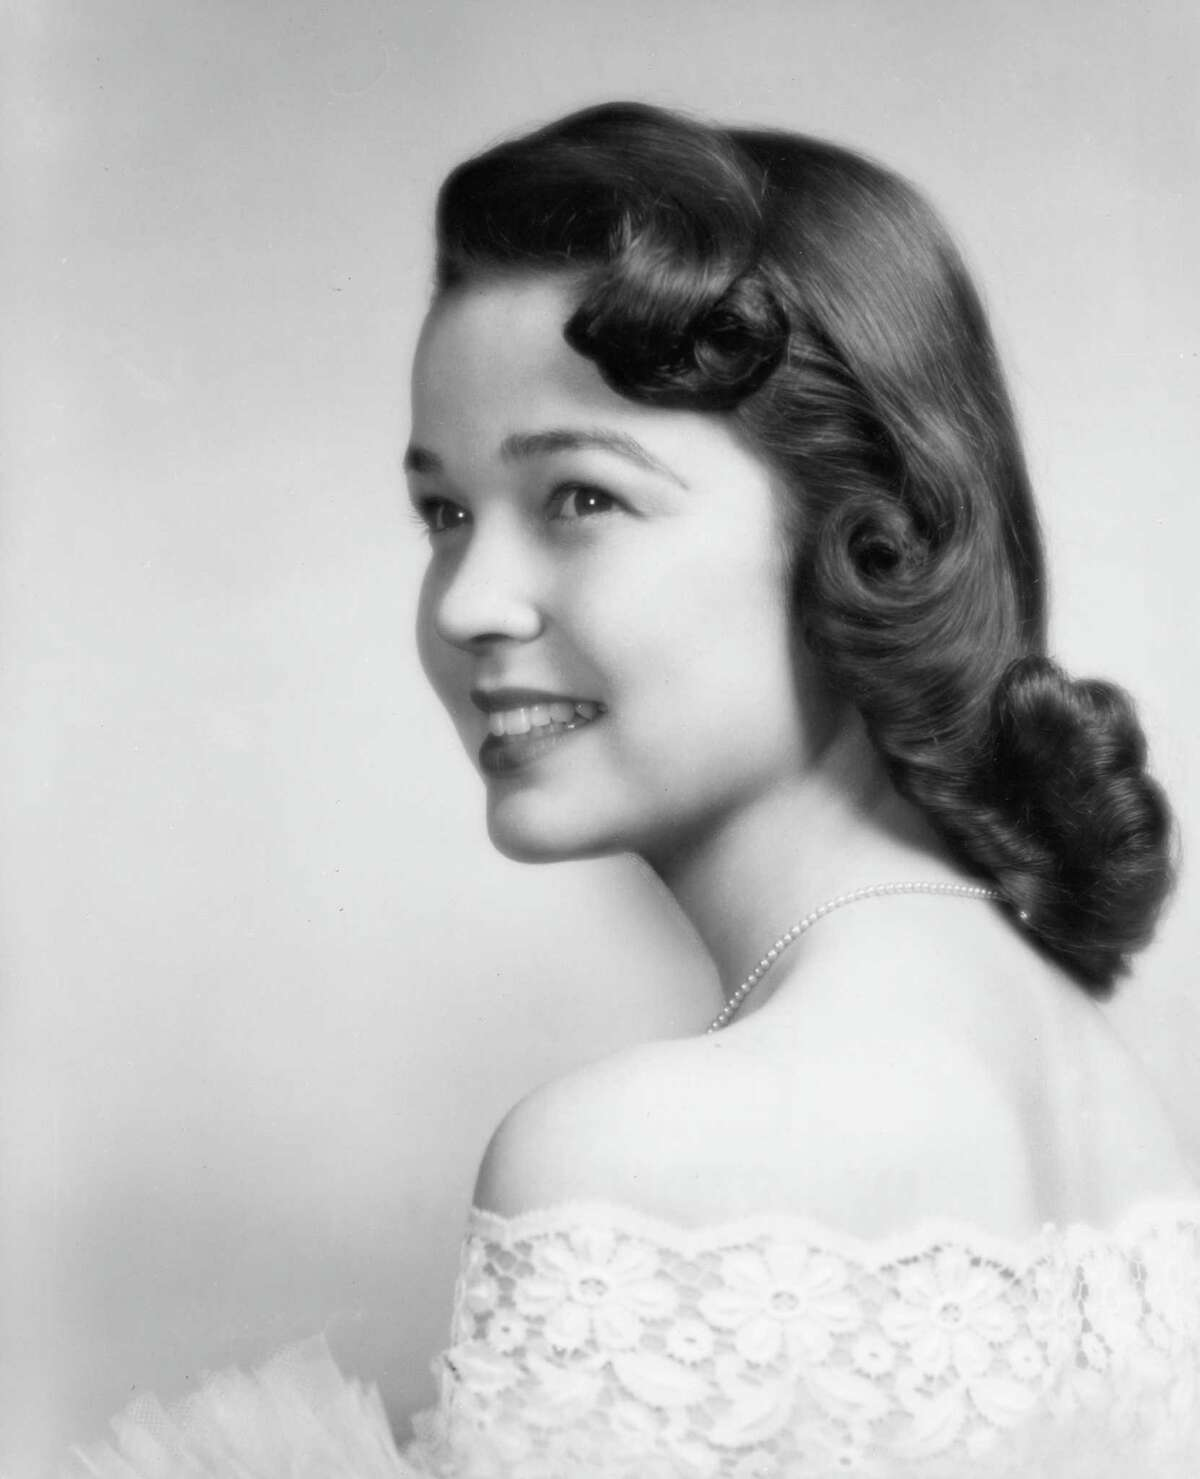 Kathryn Crosby, 1952